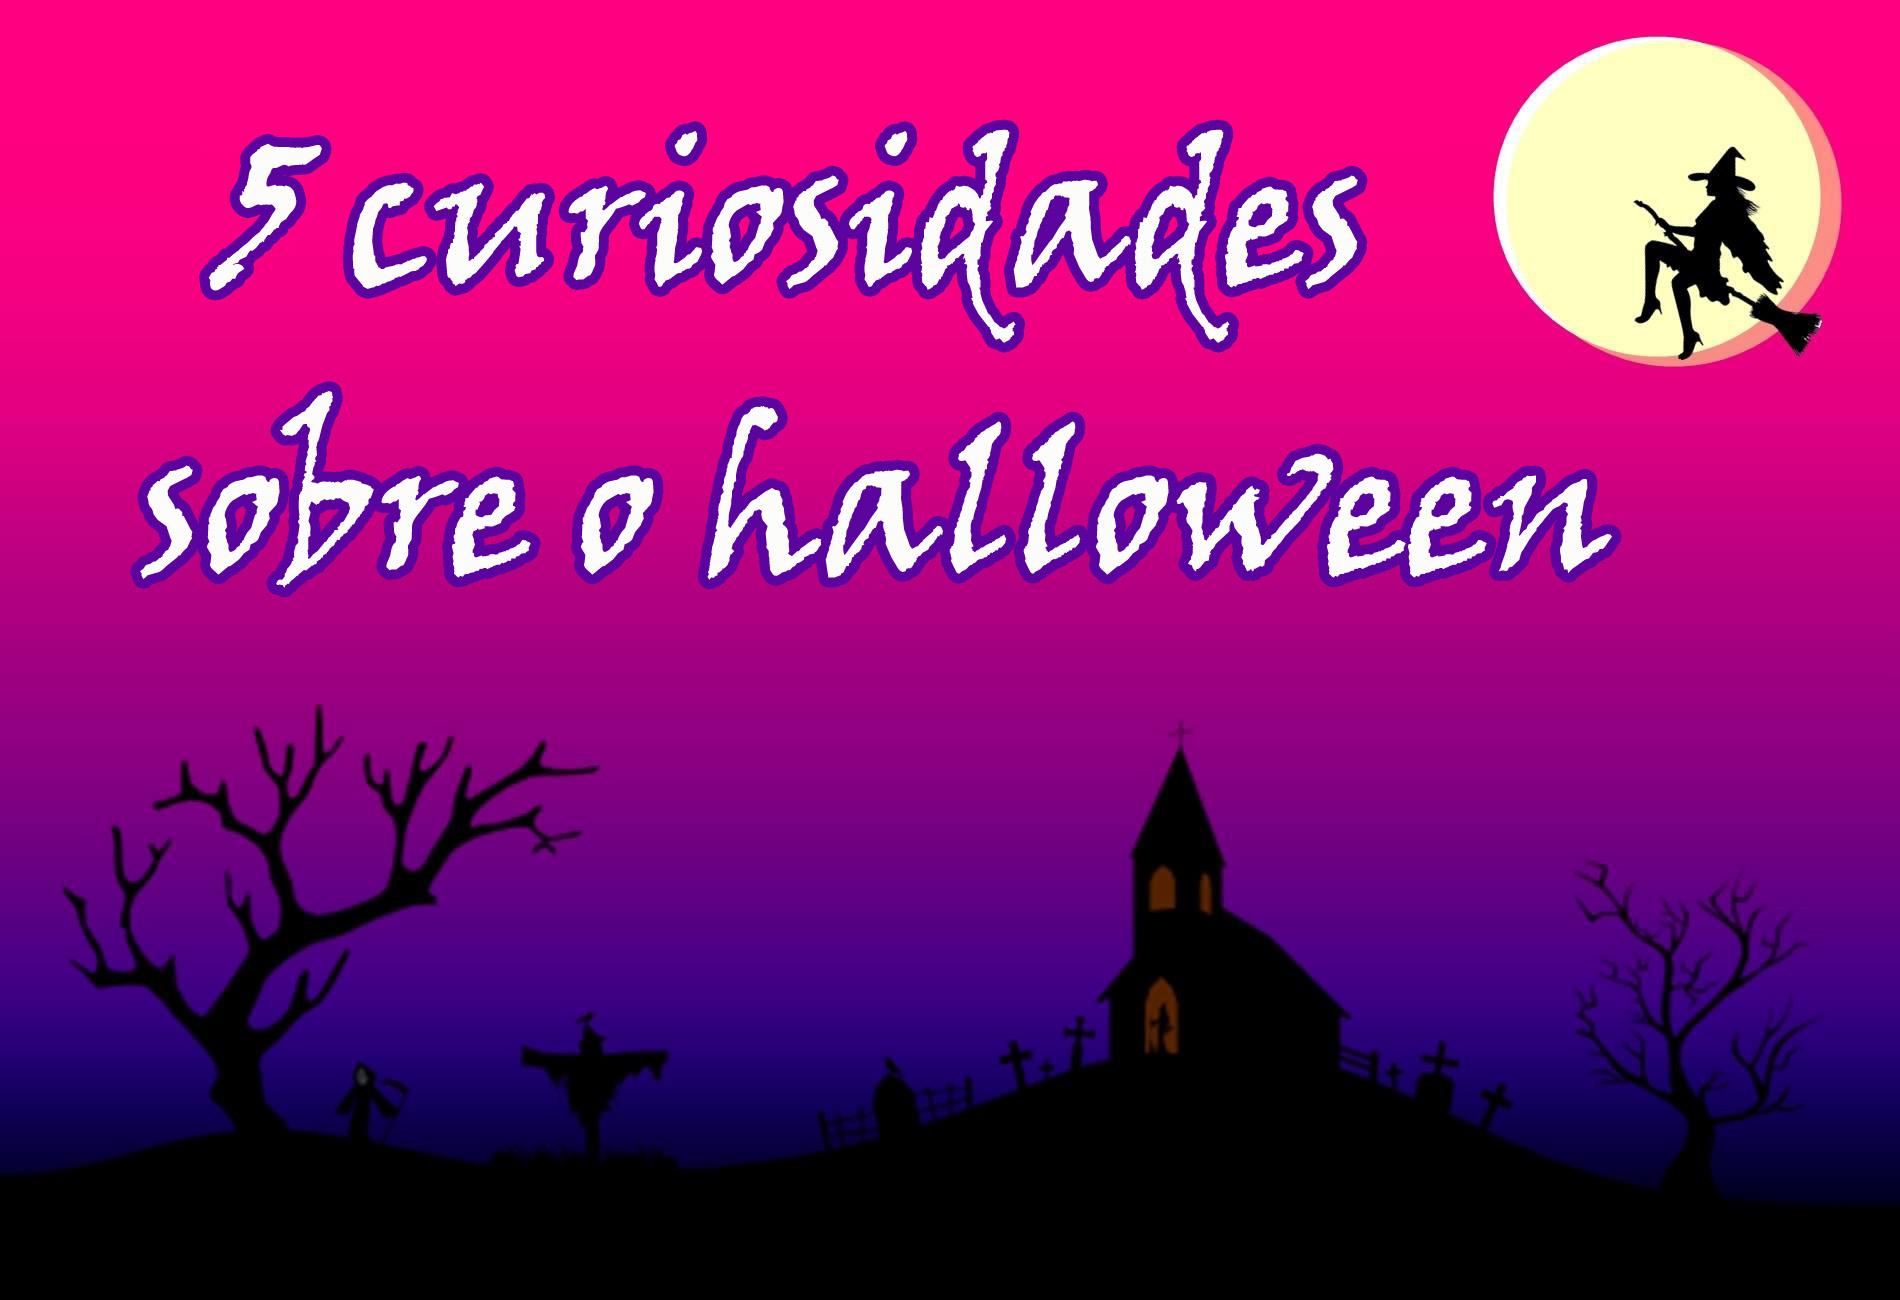 5-curiosidades-sobre-o-halloween